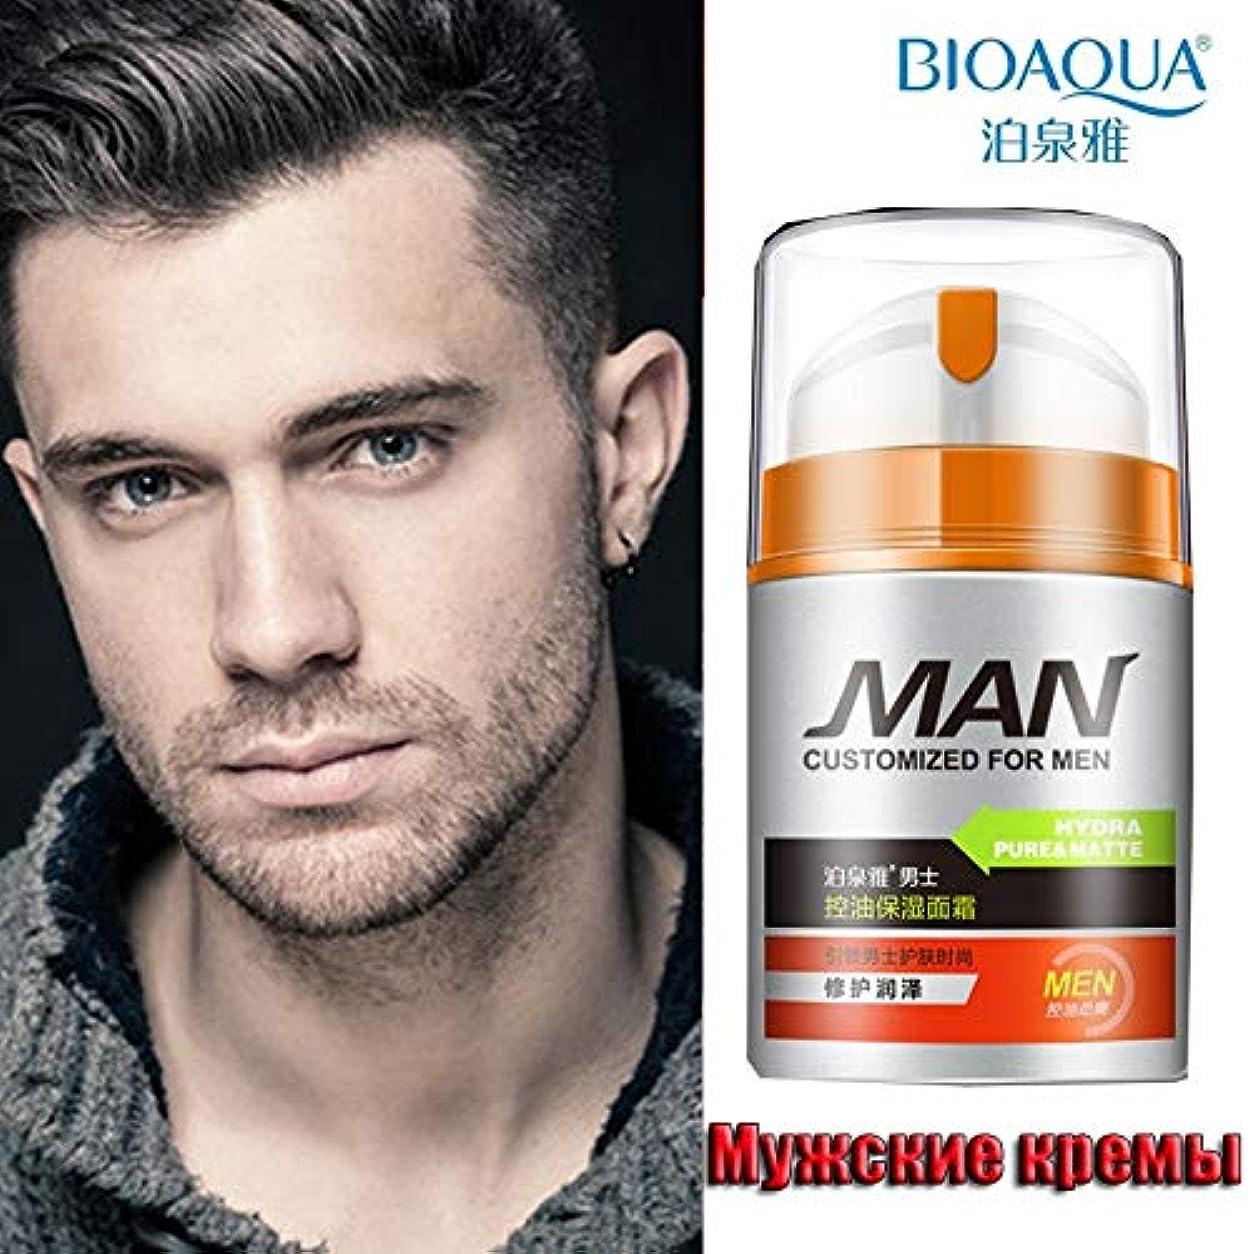 ユーザー敏感なファウルBioaquaフェイスケアダイナミック男性保湿クリーム保湿アンチリンクルモイスチャライジングミルク男性ケア製品